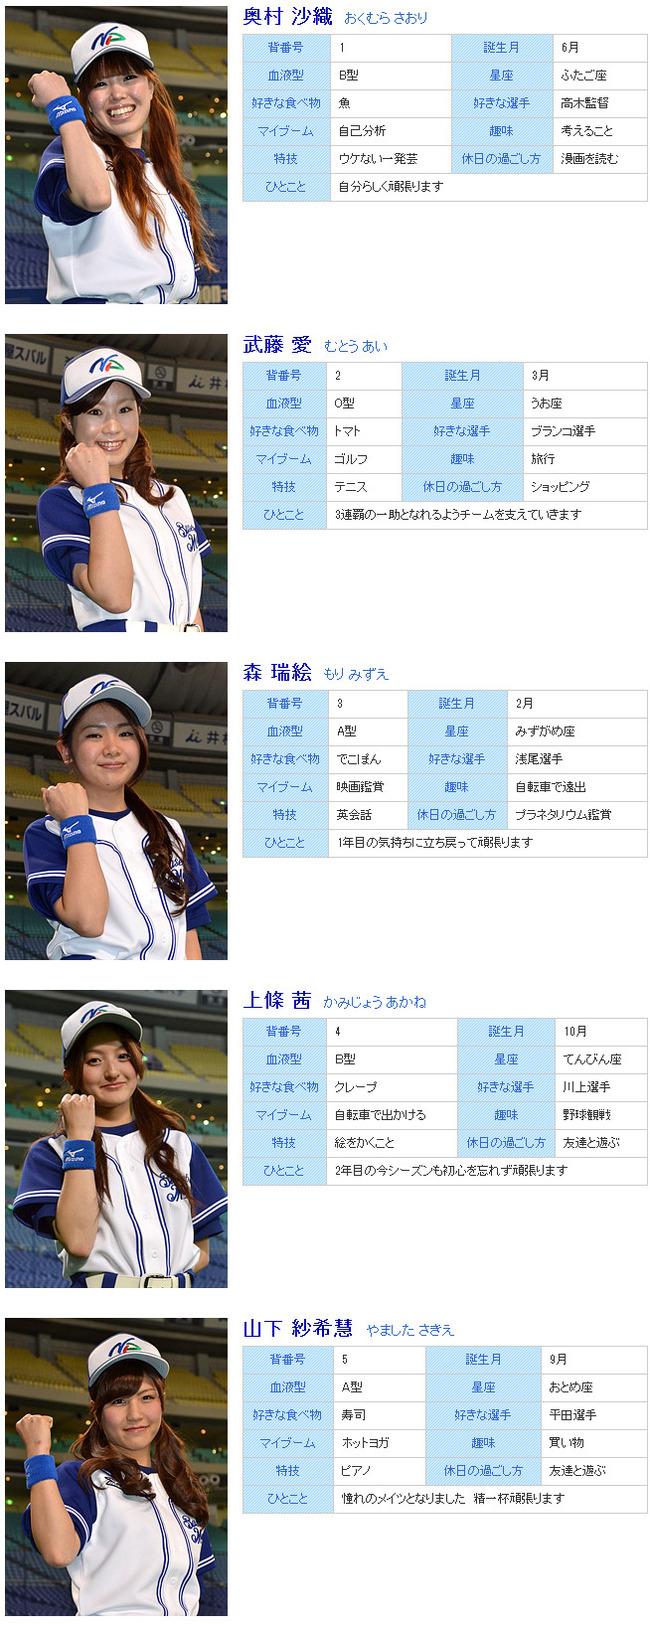 中日ドラゴンズ 公式サイト - ベースボールメイツのご紹介